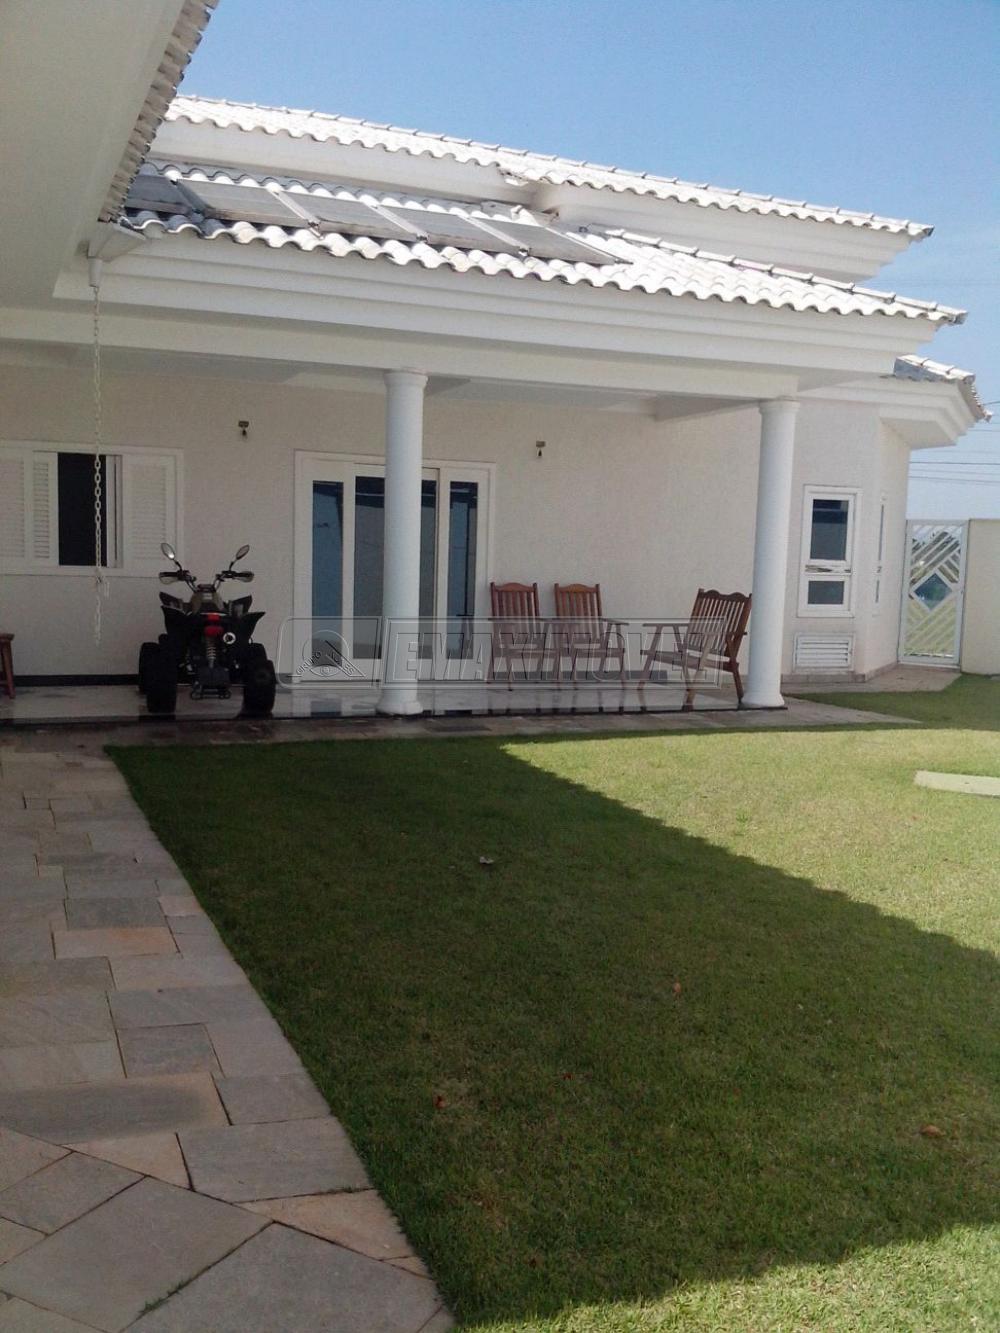 Comprar Casas / em Condomínios em Itu R$ 1.860.000,00 - Foto 29